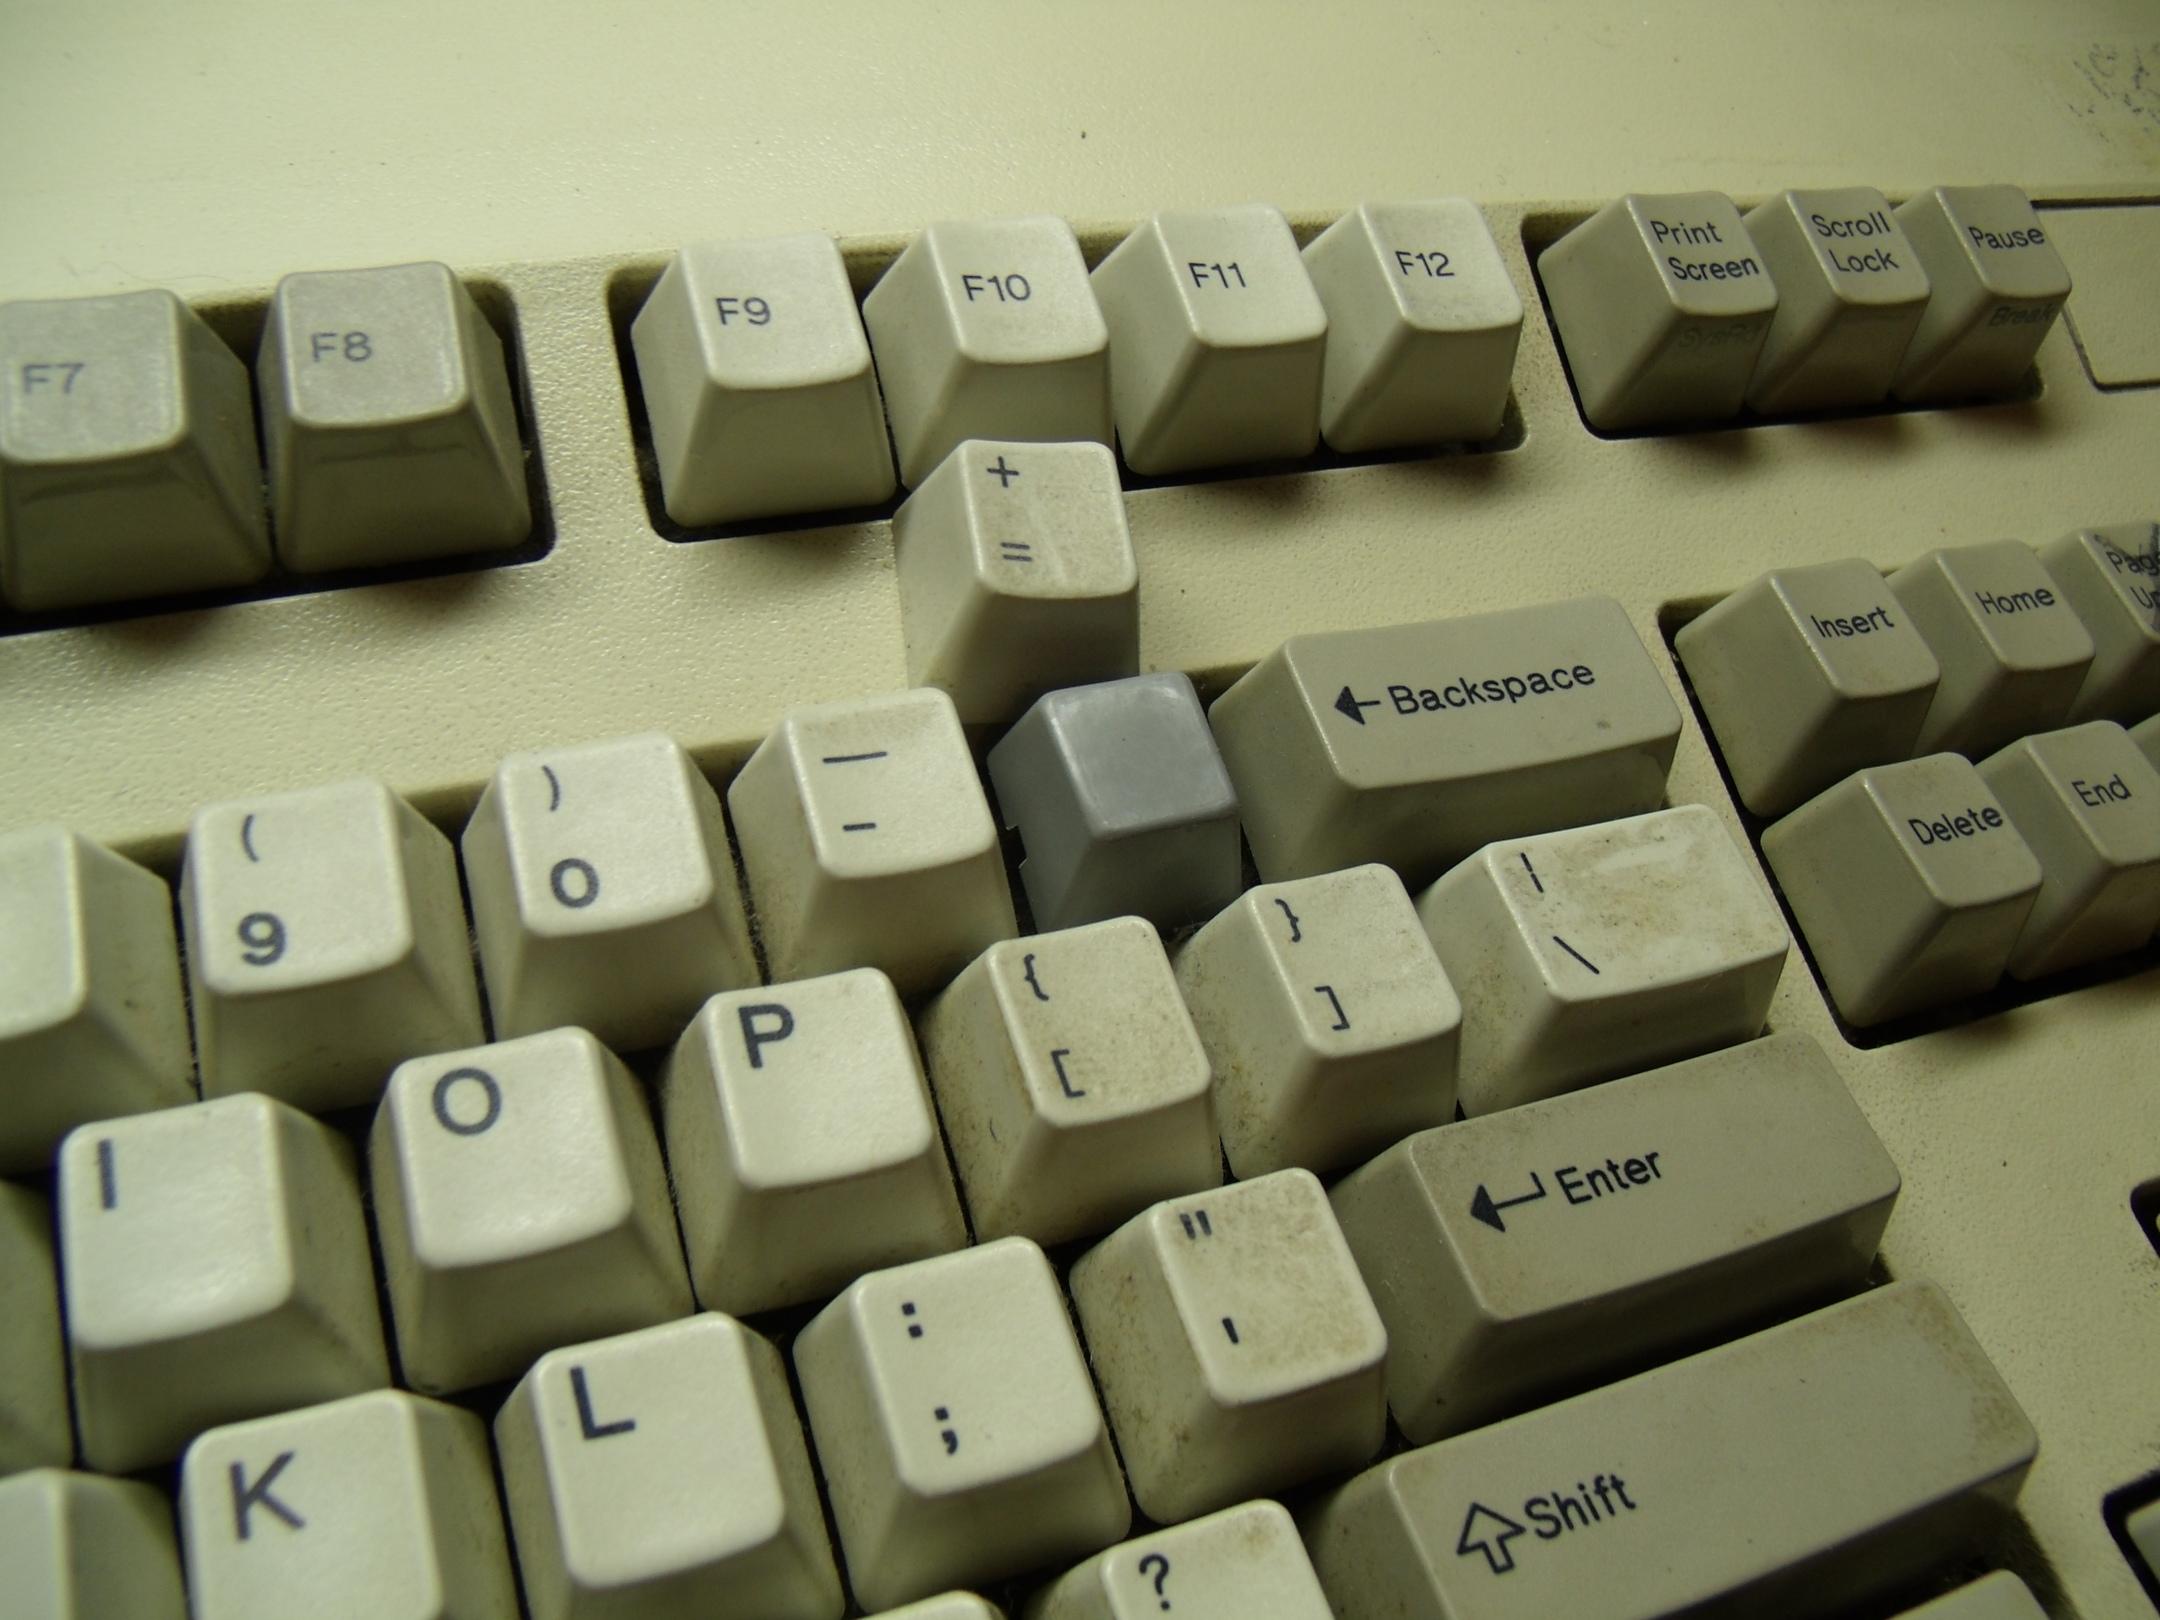 hacks_prepare_keyboard_2b.jpg